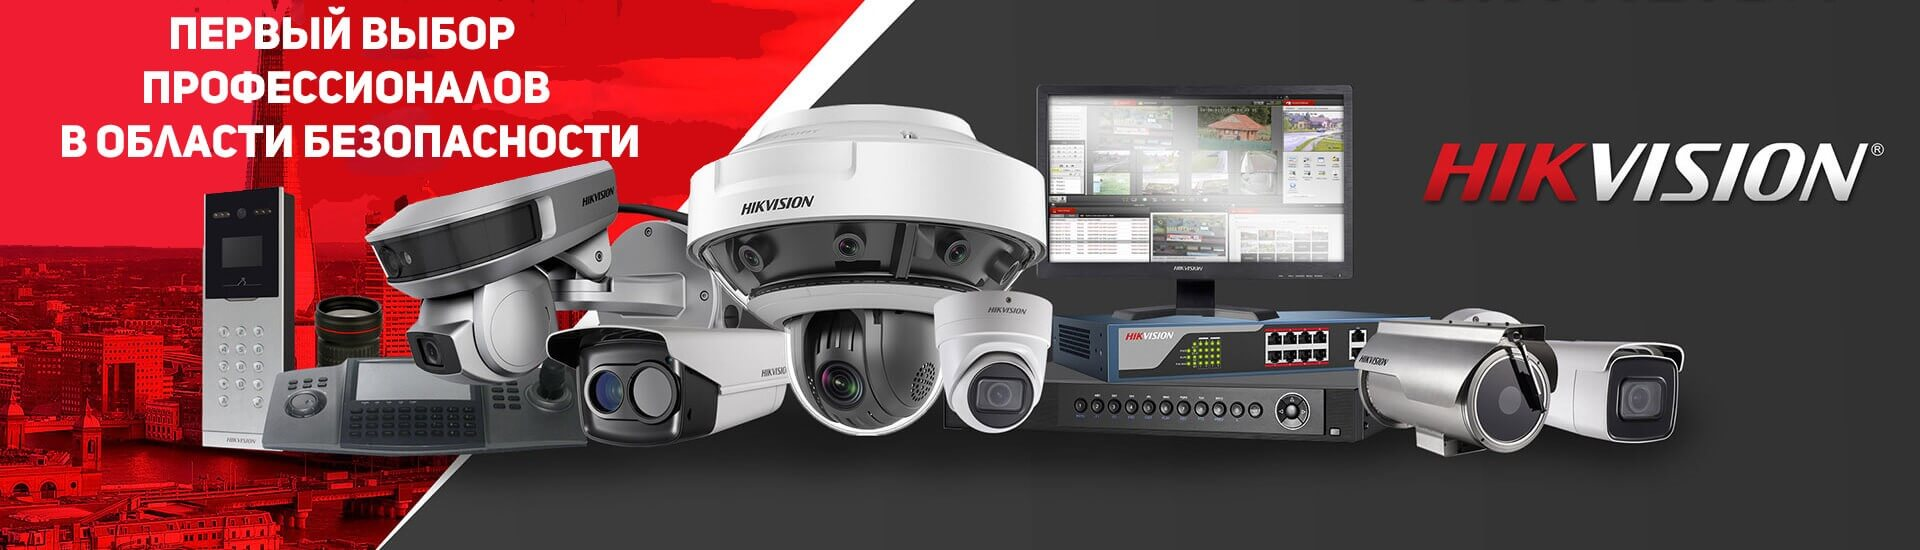 Оборудование систем безопасности Hikvision